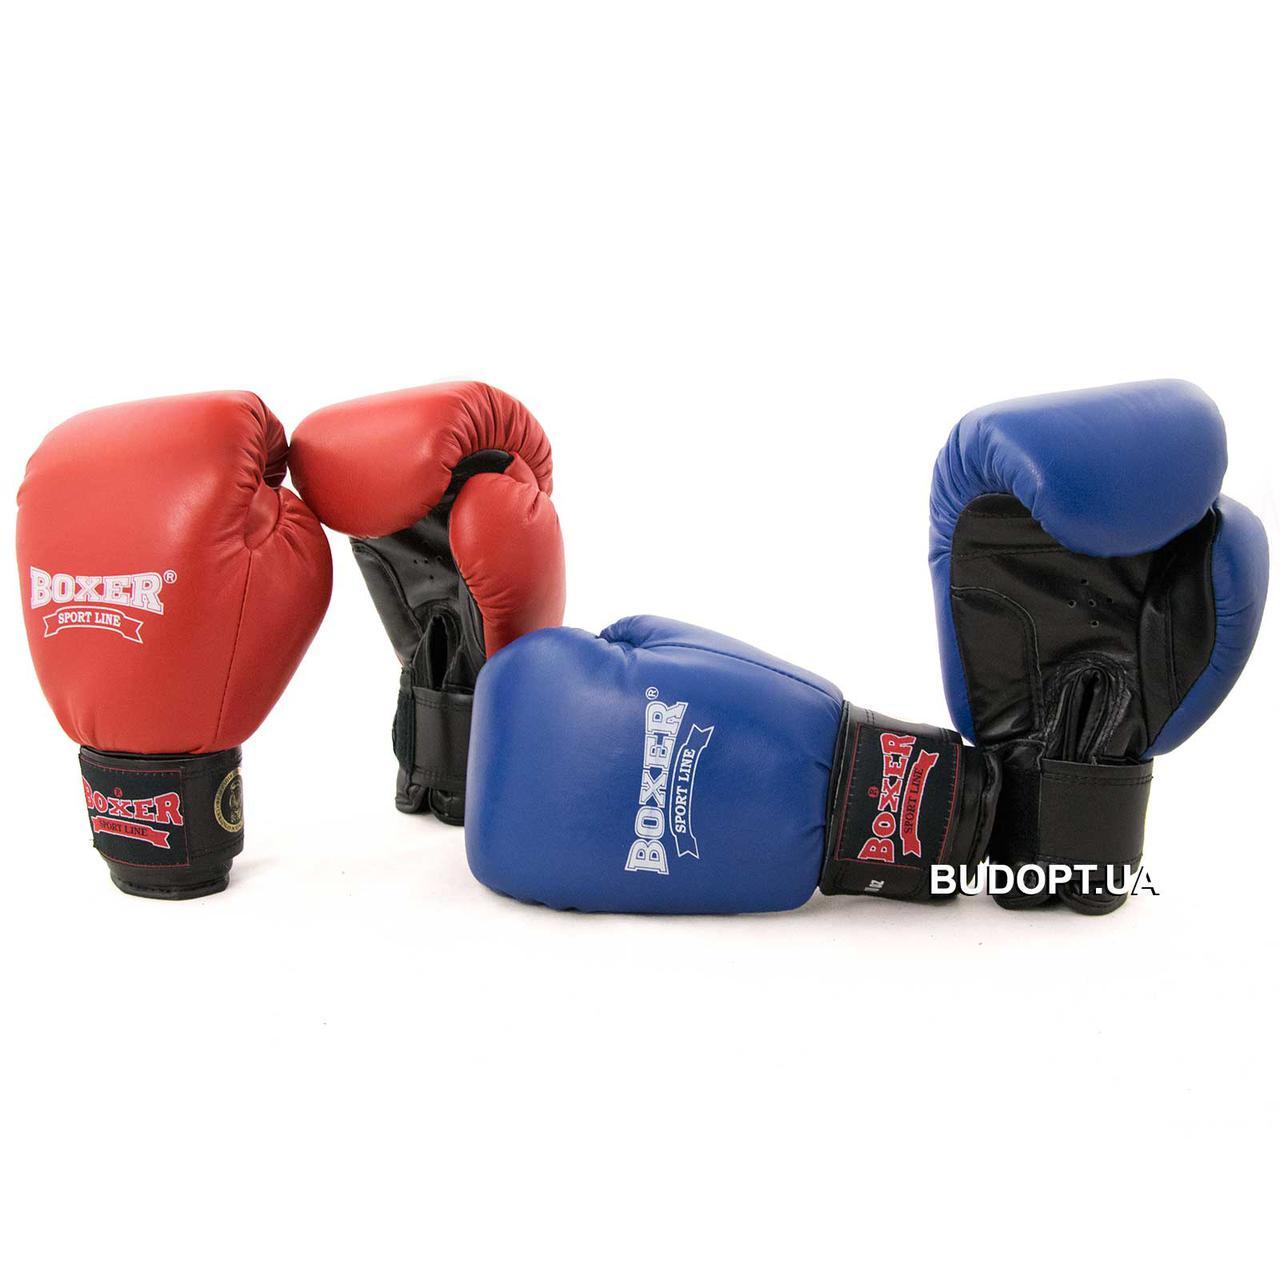 Боксерские перчатки кожаные с печатью ФБУ Boxer Profi 10 унций (bx-0040) - OSPORT.UA - интернет магазин спортивных товаров в Киеве